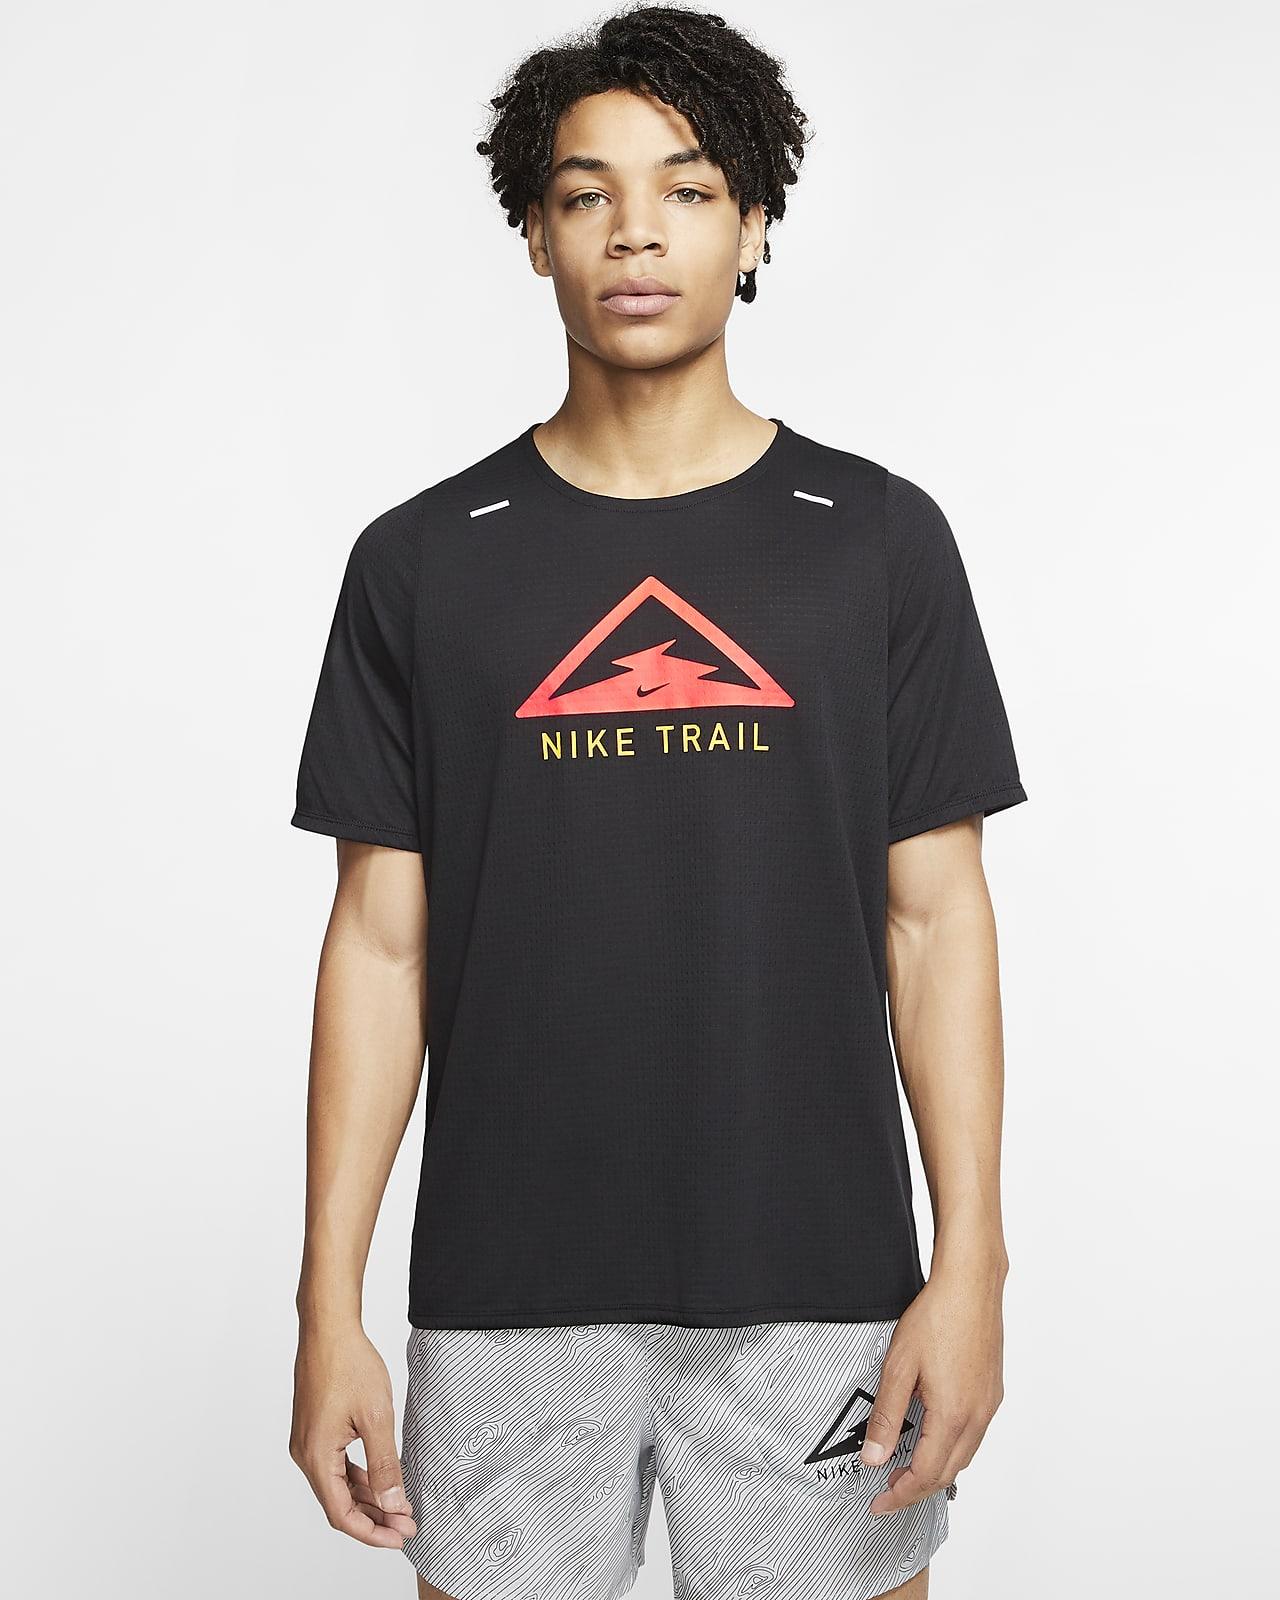 Löpartröja Nike Rise 365 Trail för män